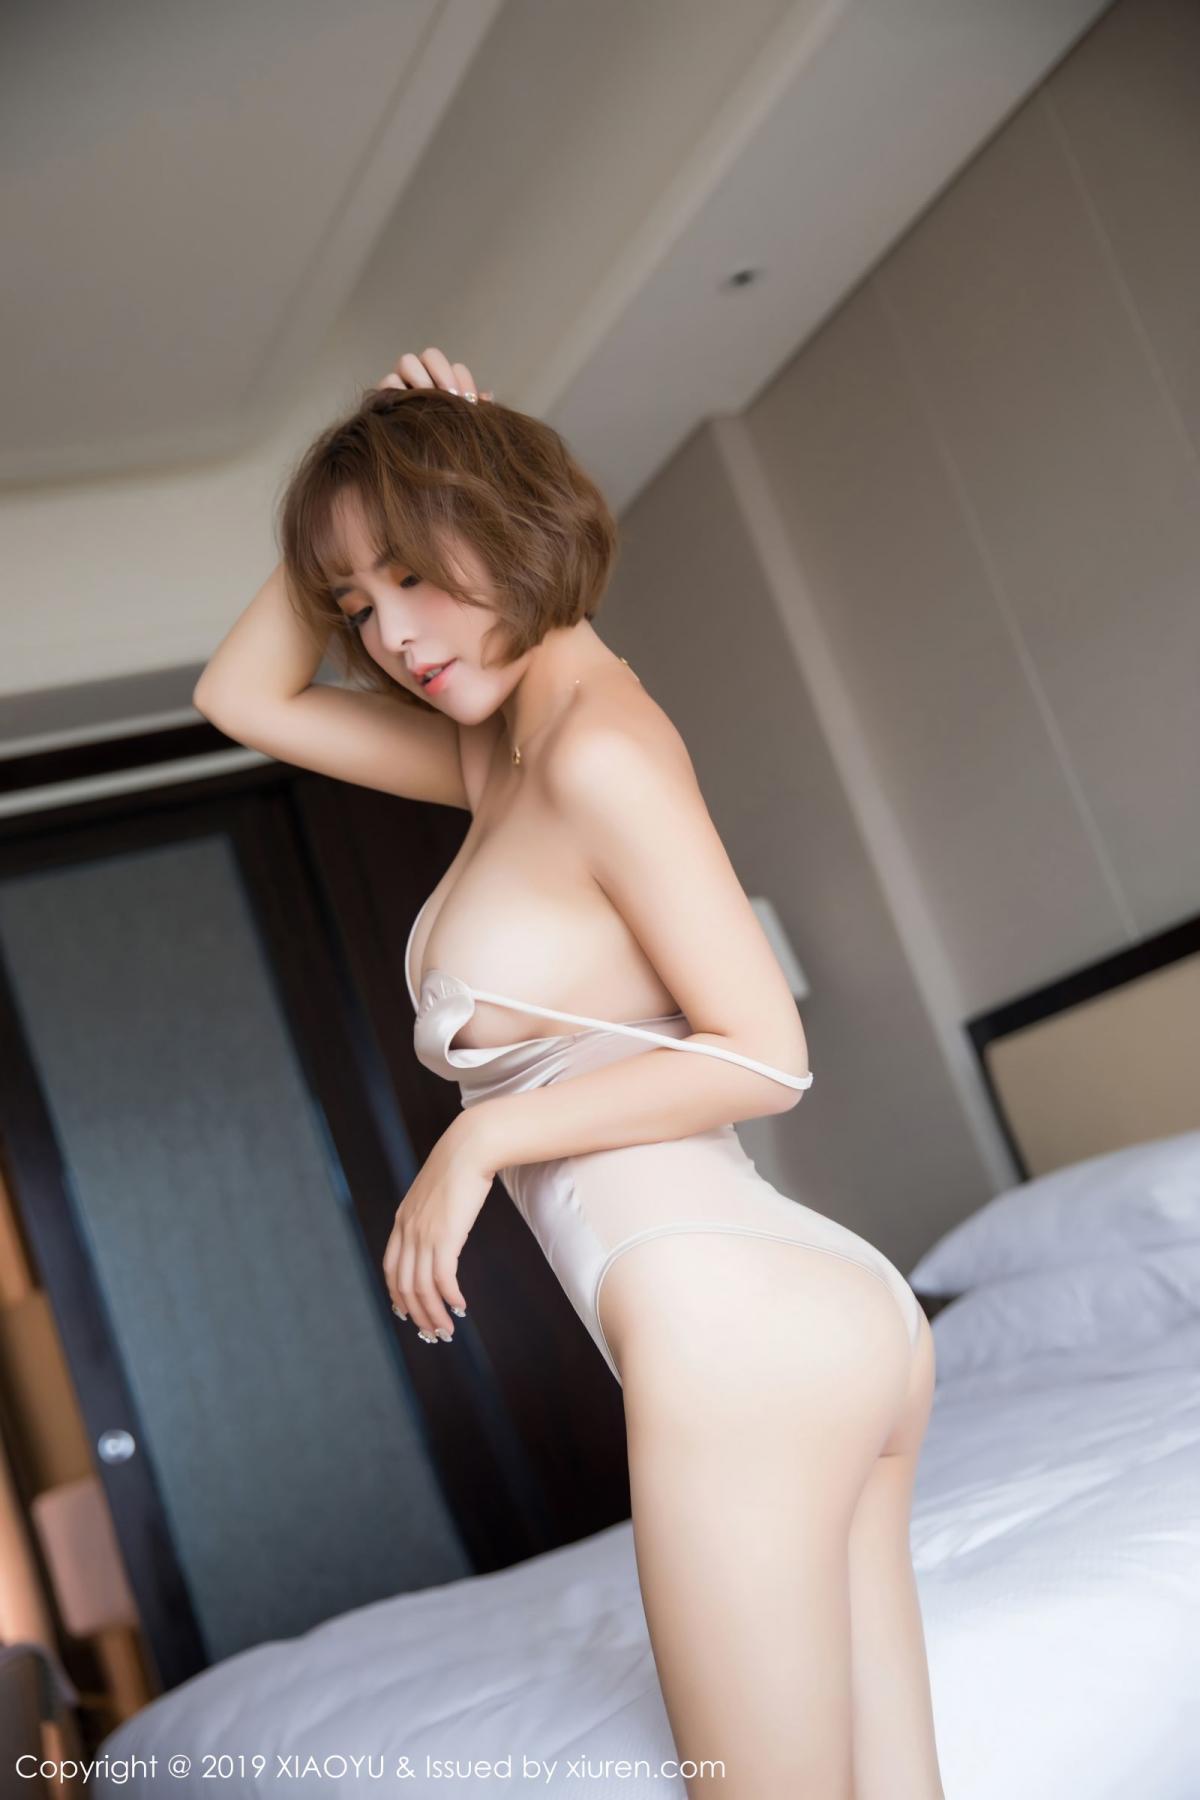 [XiaoYu] Vol.015 Chen Ya Wen 17P, Chen Ya Wen, Sexy, XiaoYu